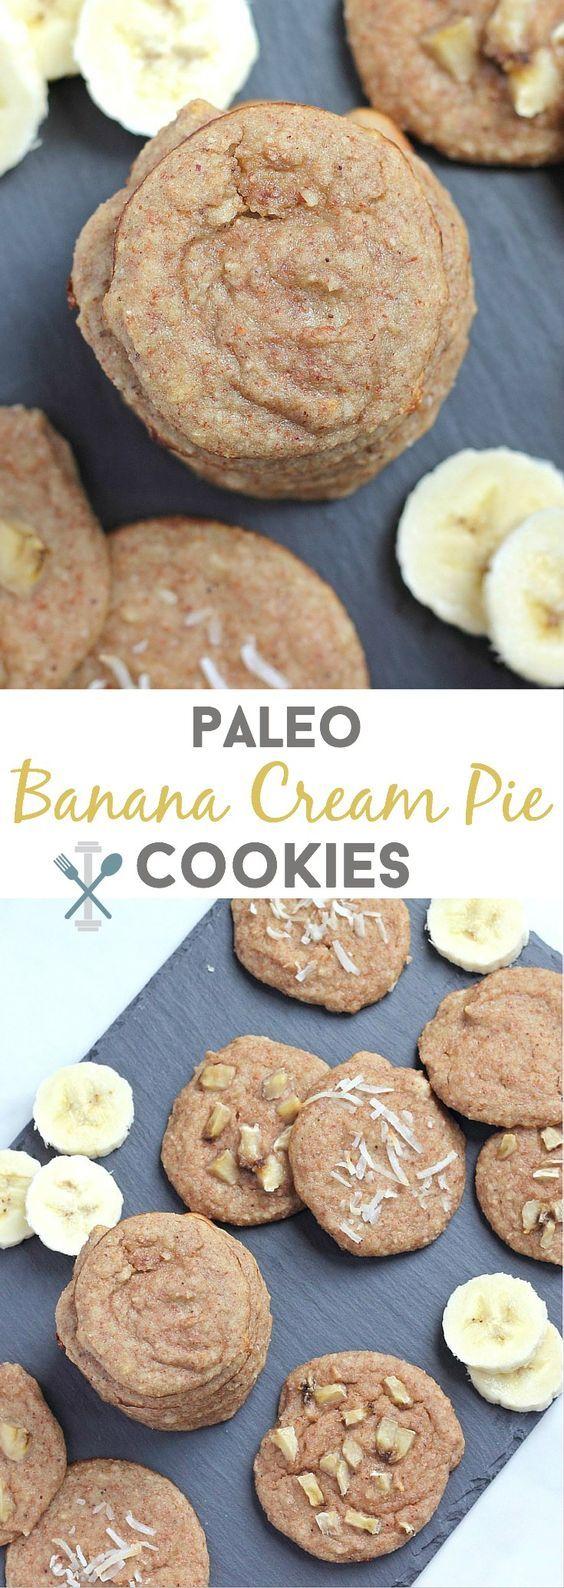 banana cream pie cookies - paleo, vegan, gluten free